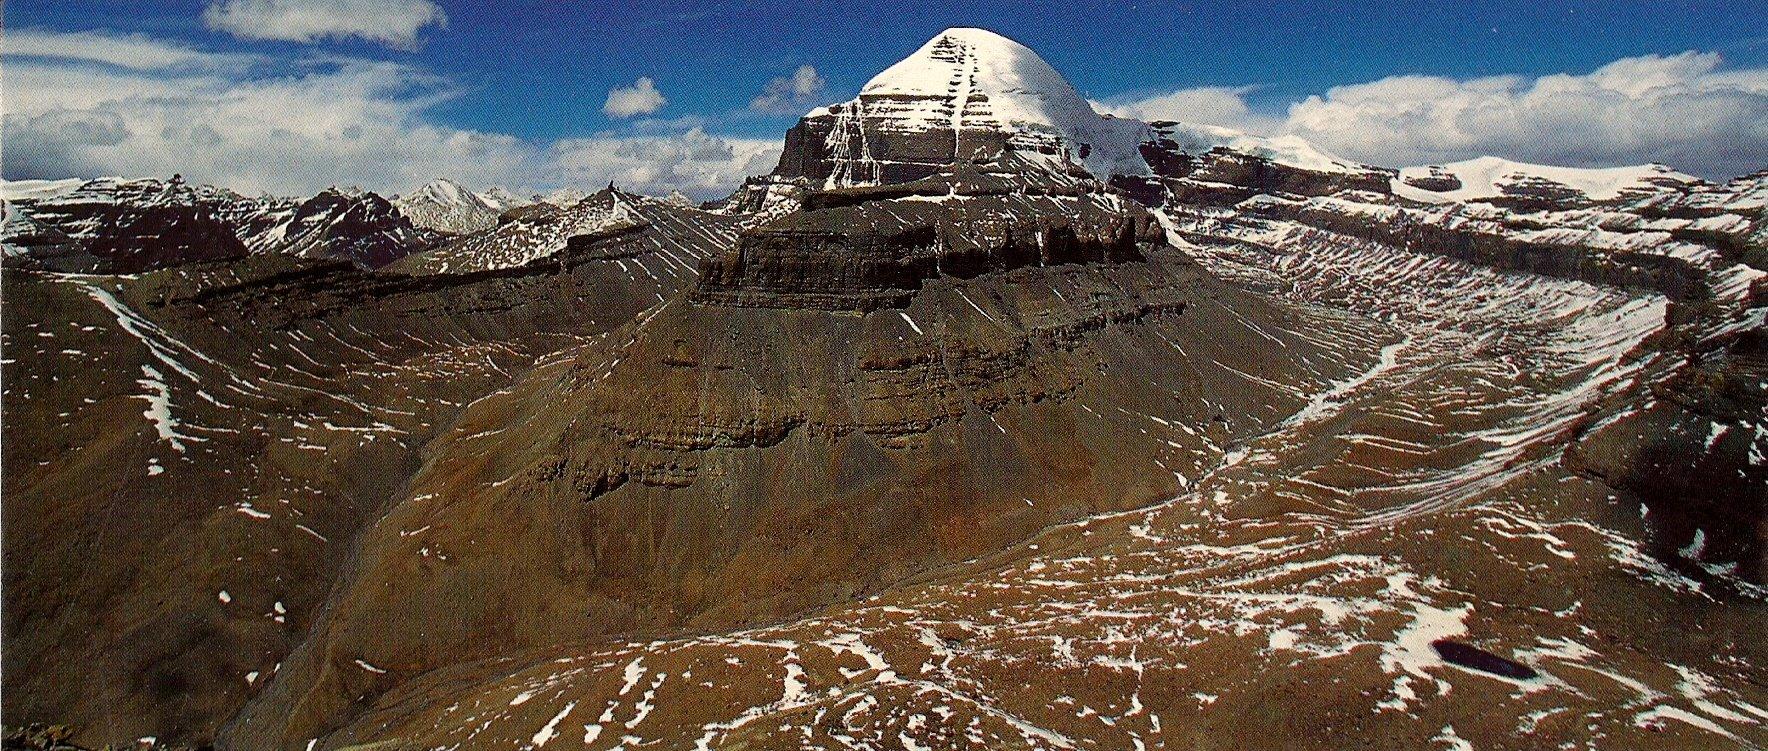 Mount-Kailash-with-Nandi-parvat.